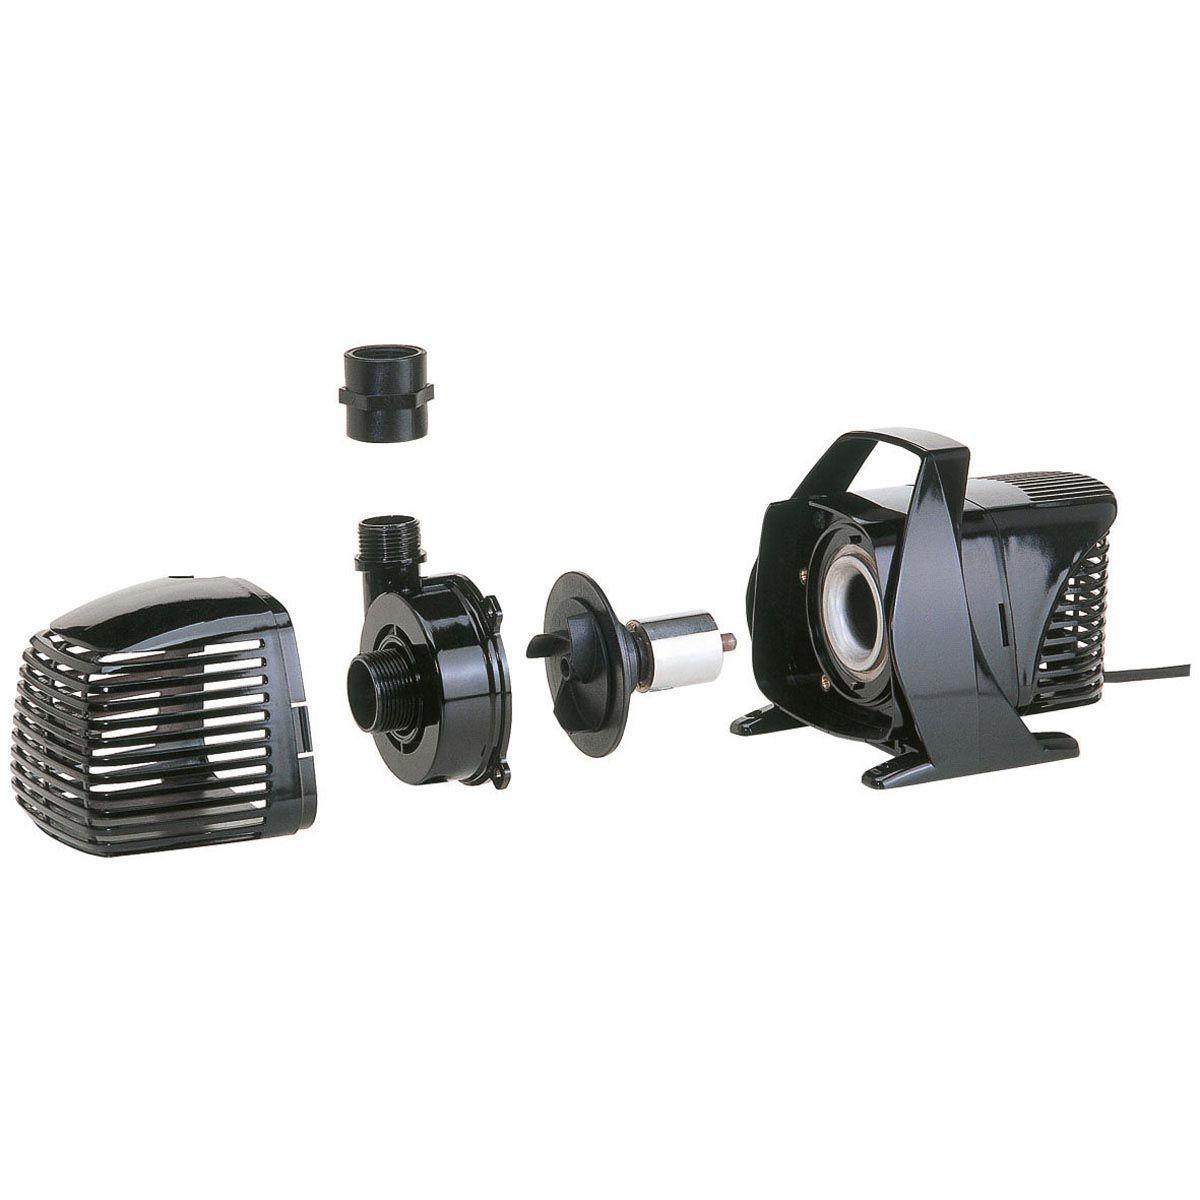 Teichpumpe MPF-3000, H max. 2.5 m, Q max. 3000 l/h, 40 Watt, 285 x 170 x 170 mm